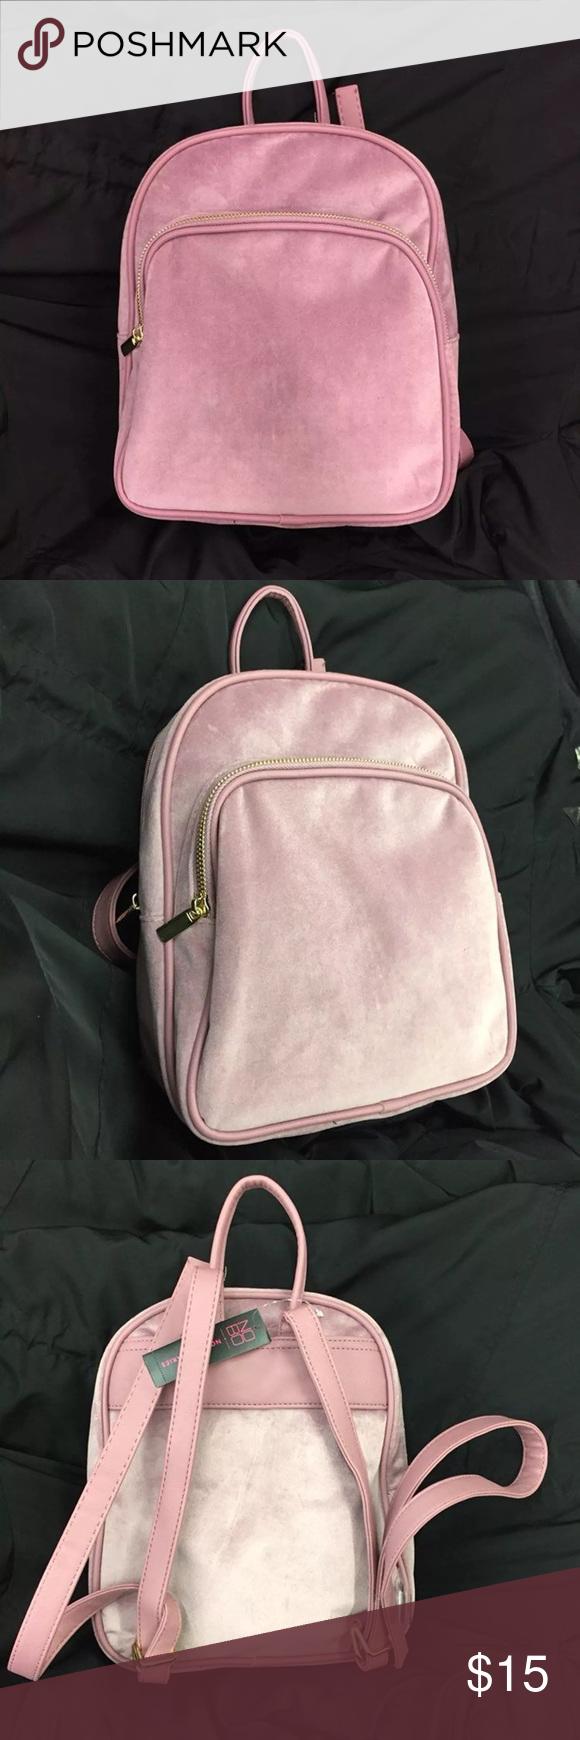 a329f0a78eca Crushed Velvet Mini Backpack. Crushed Velvet Mini Backpack No boundaries ...